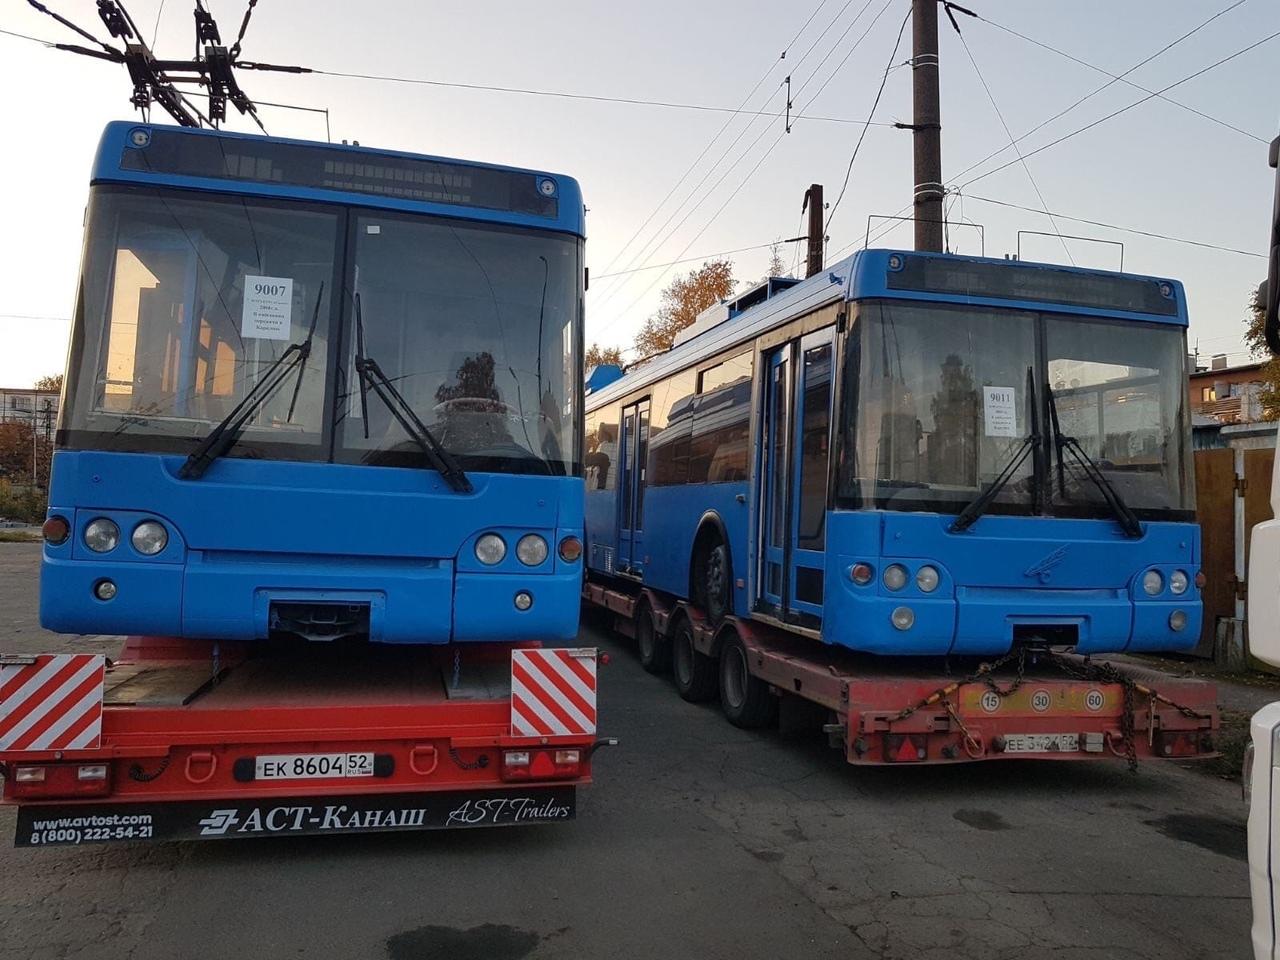 Loni v říjnu přibylo v Petrozavodsku 10 ojetin z Moskvy typu MTrZ-52791 z let 2006–2008. V novém provozu se ovšem většina z nich dosud neobjevila. (foto: radnice Petrozavodsku)